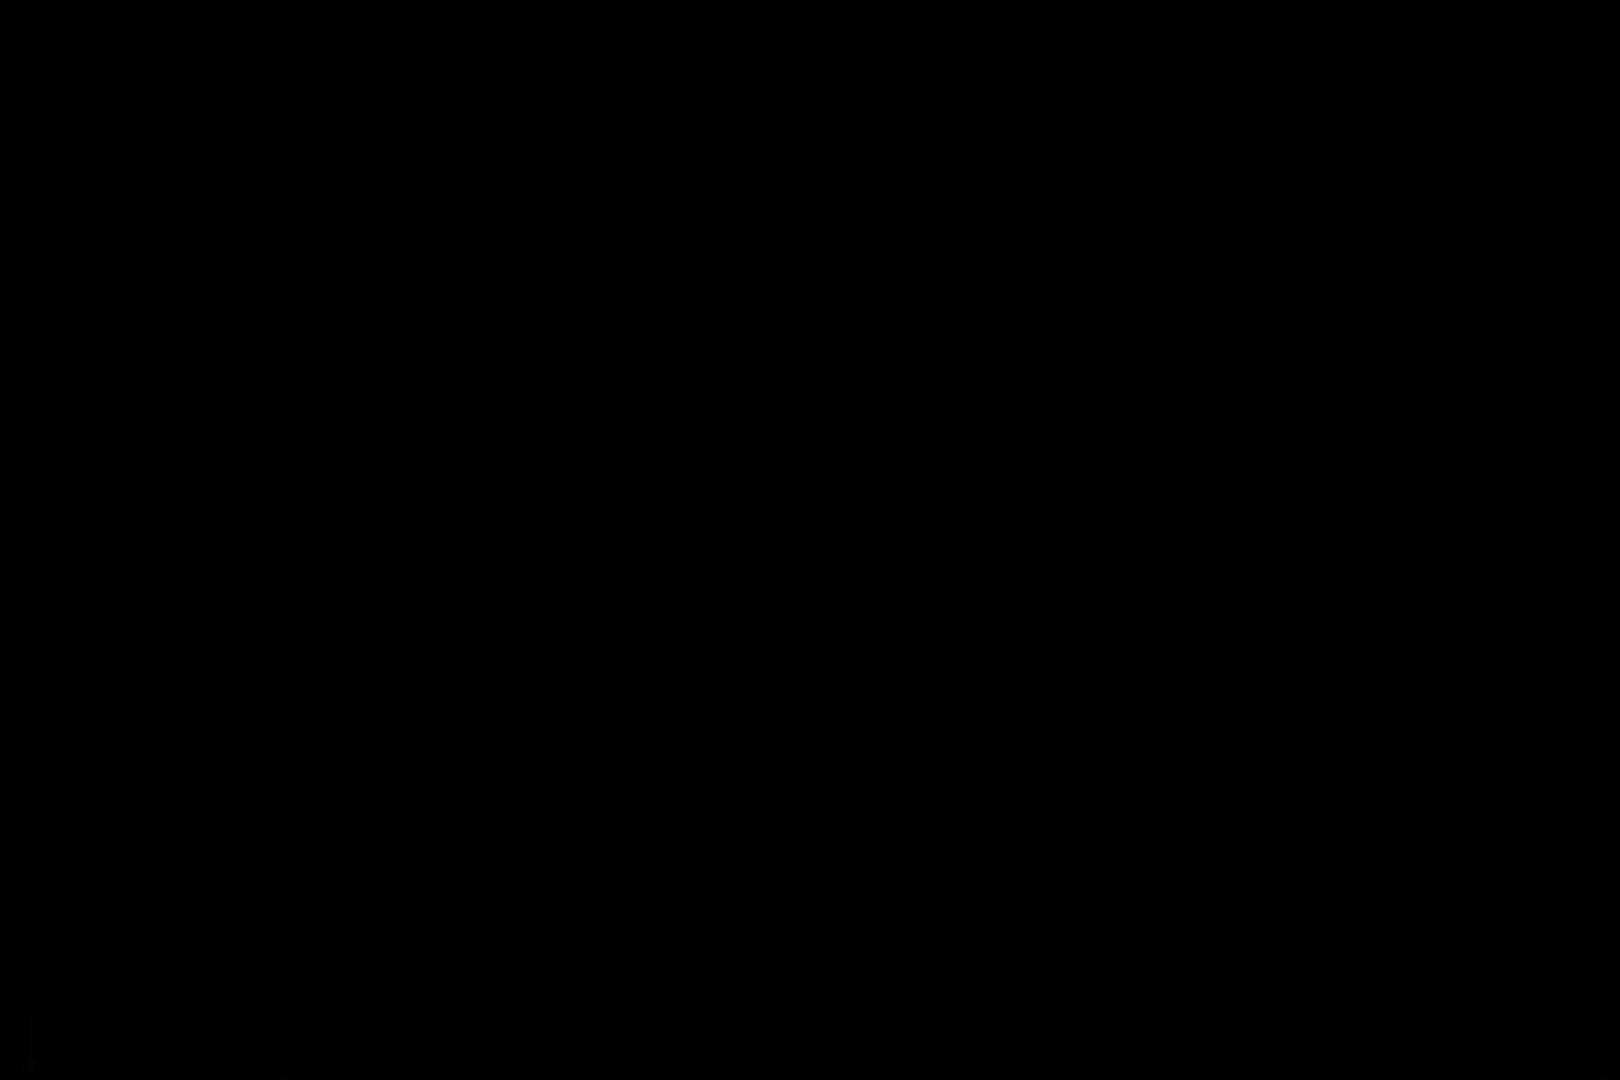 三ツ星シリーズ!!陰間茶屋独占!!第二弾!!イケメン羞恥心File.06 イケメンたち ゲイモロ画像 75pic 50